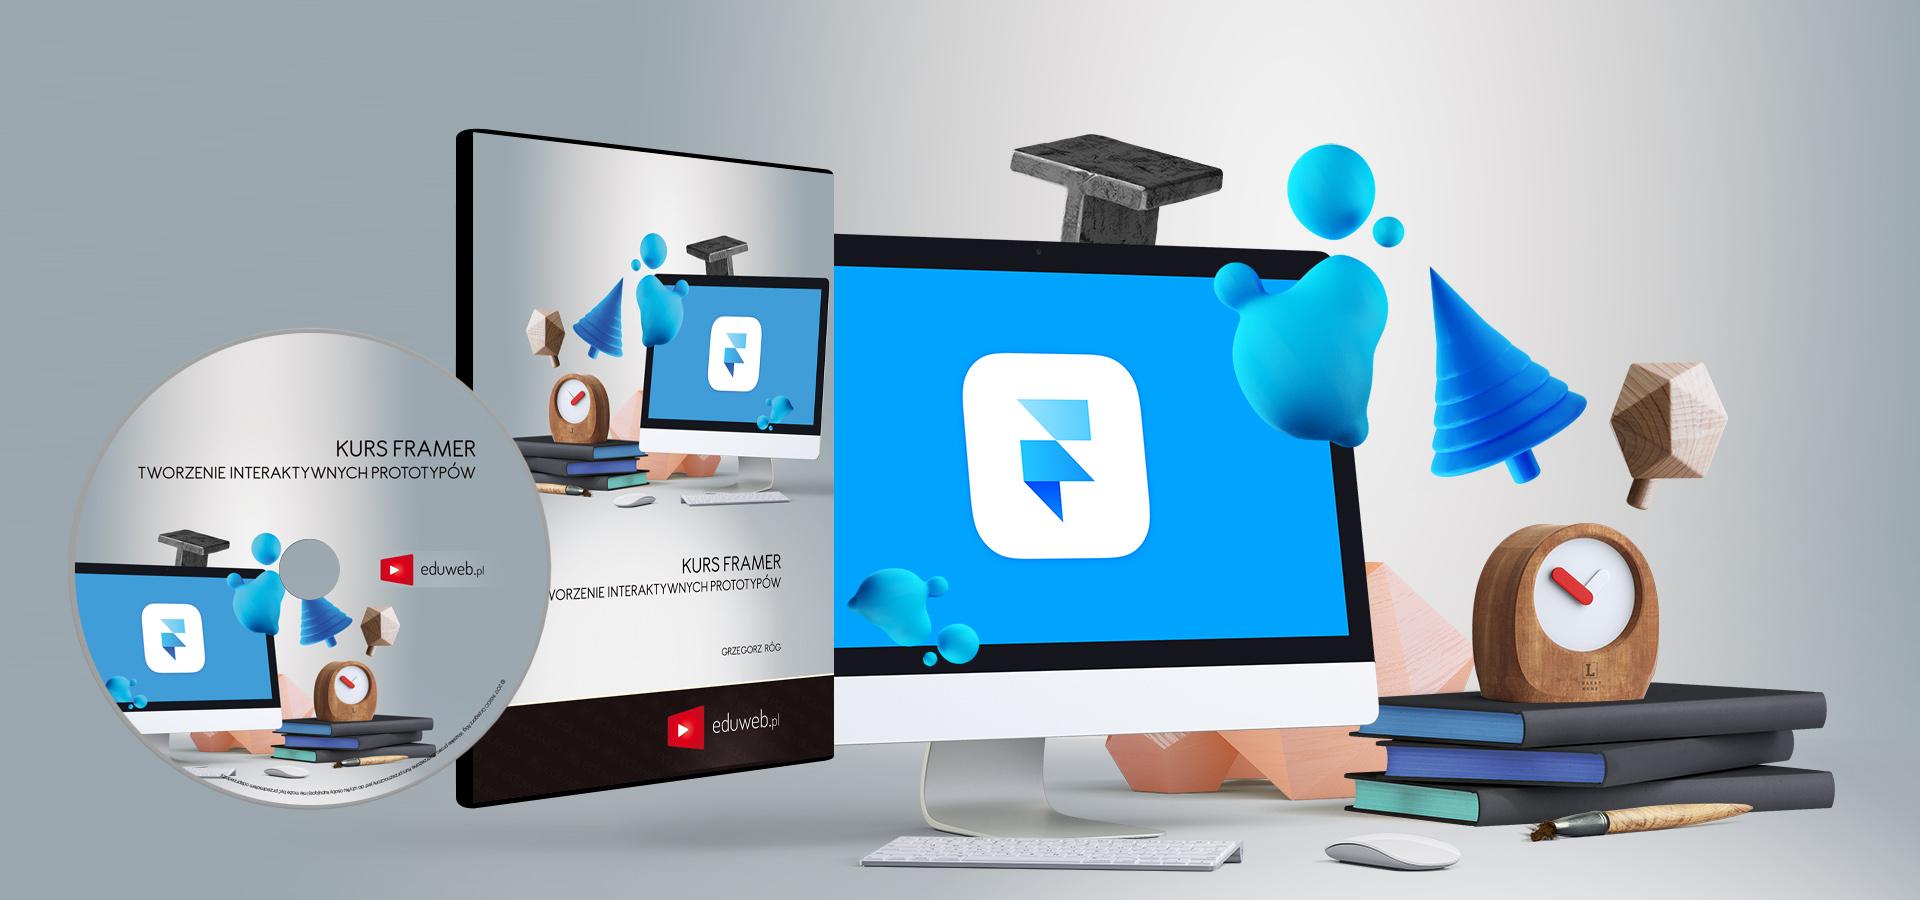 Kurs Framer– Tworzenie Interaktywnych Prototypów już dostępny!